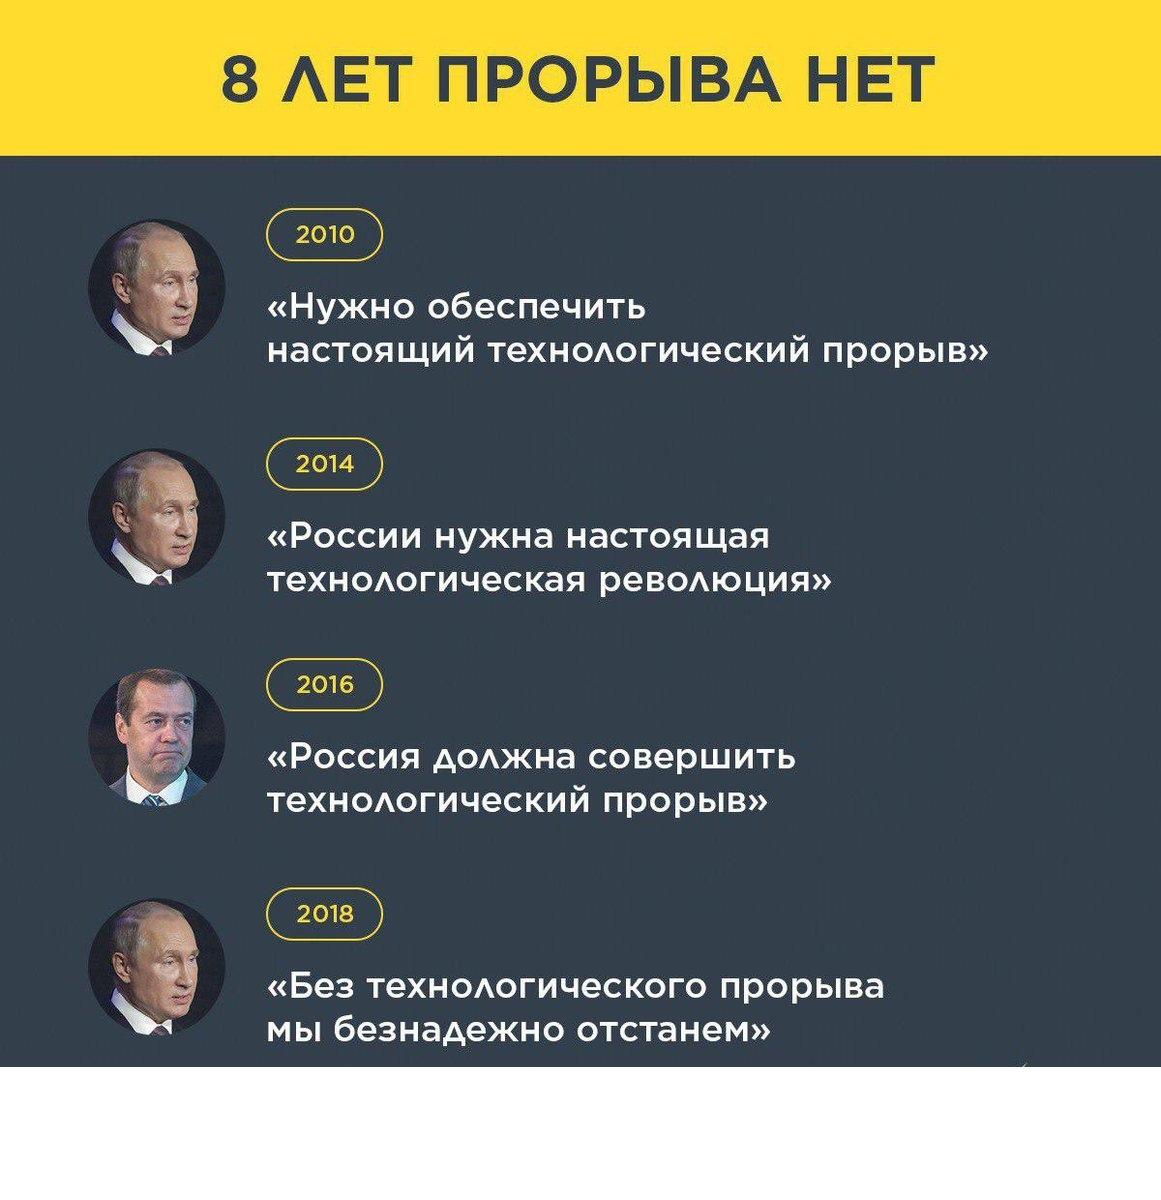 https://pp.userapi.com/c846018/v846018280/9697d/wwVZfehAgyE.jpg